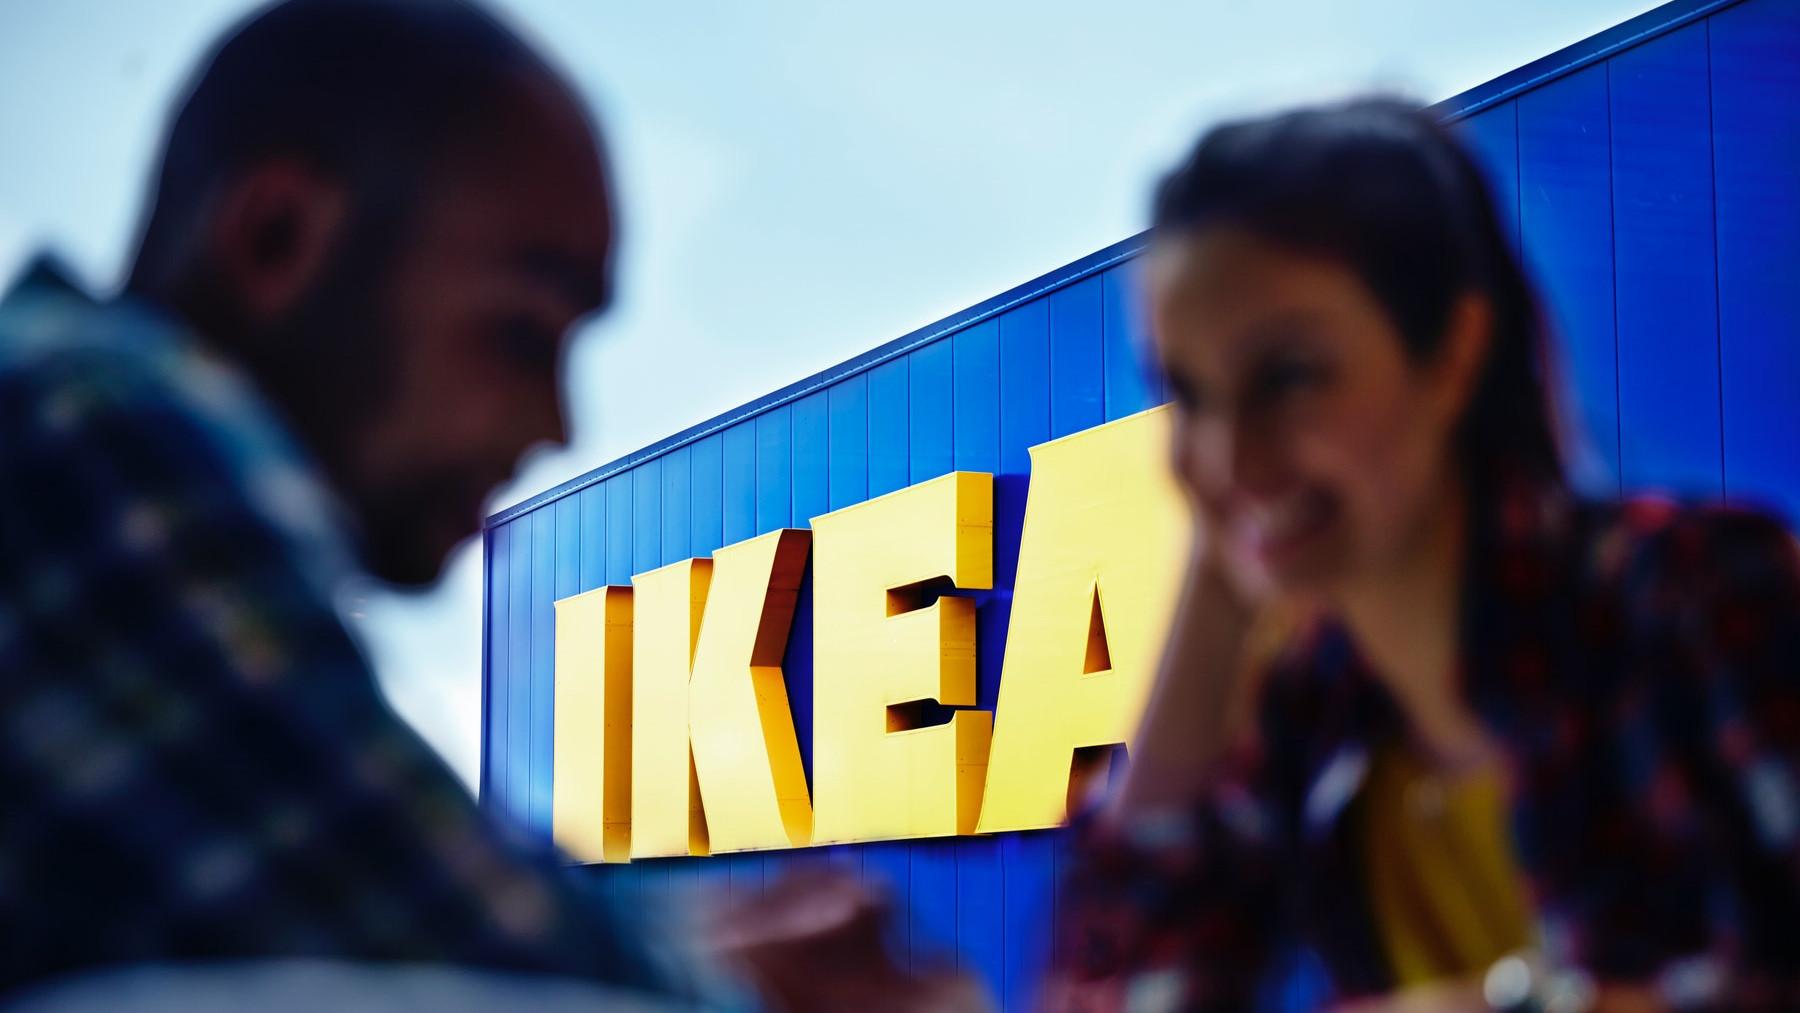 Ikea kažnjena zbog špijunaže 1